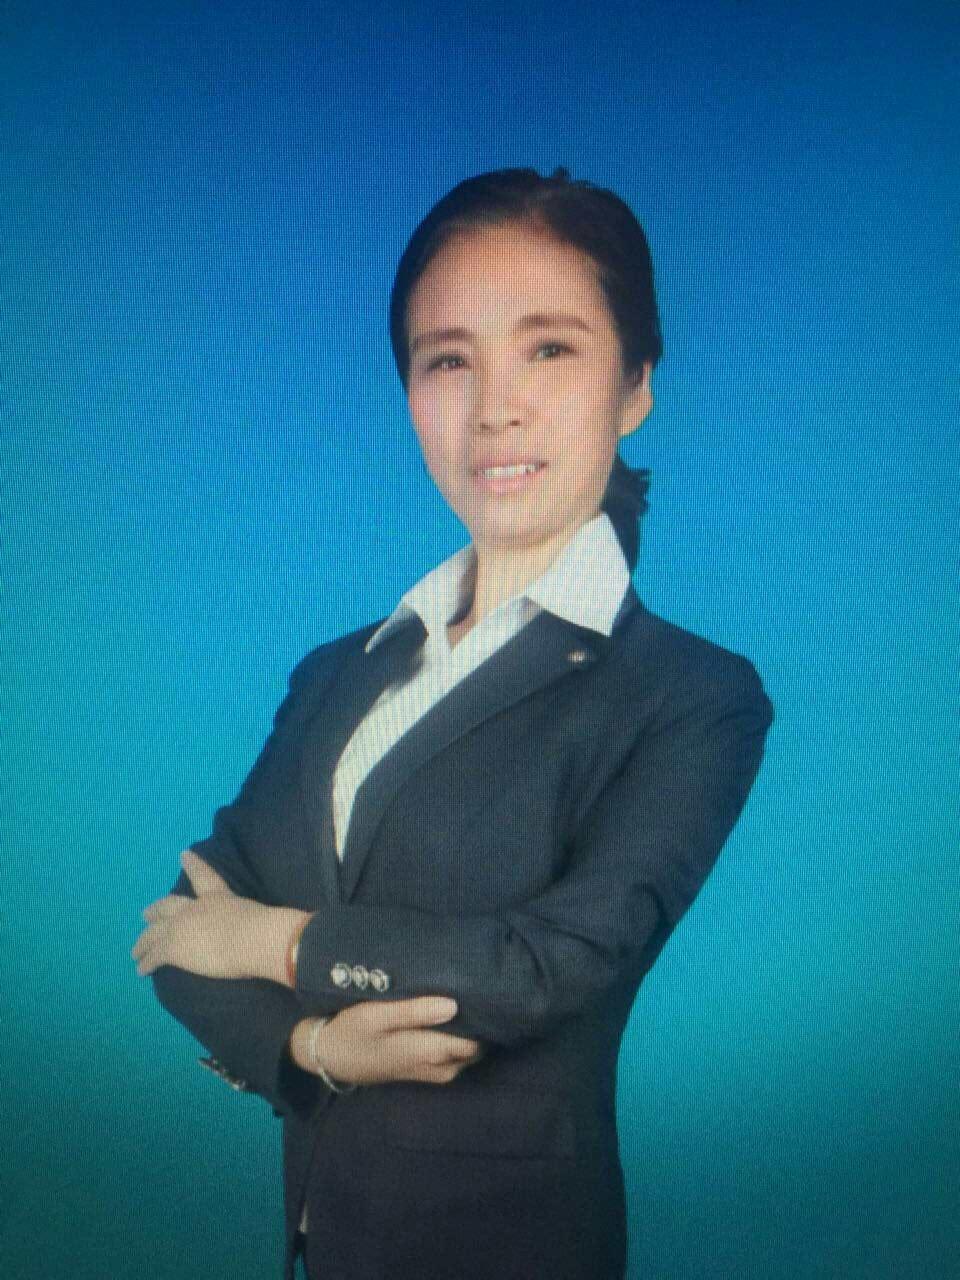 重庆中国太平洋人寿保险股份有限公司保险代理人张慧容